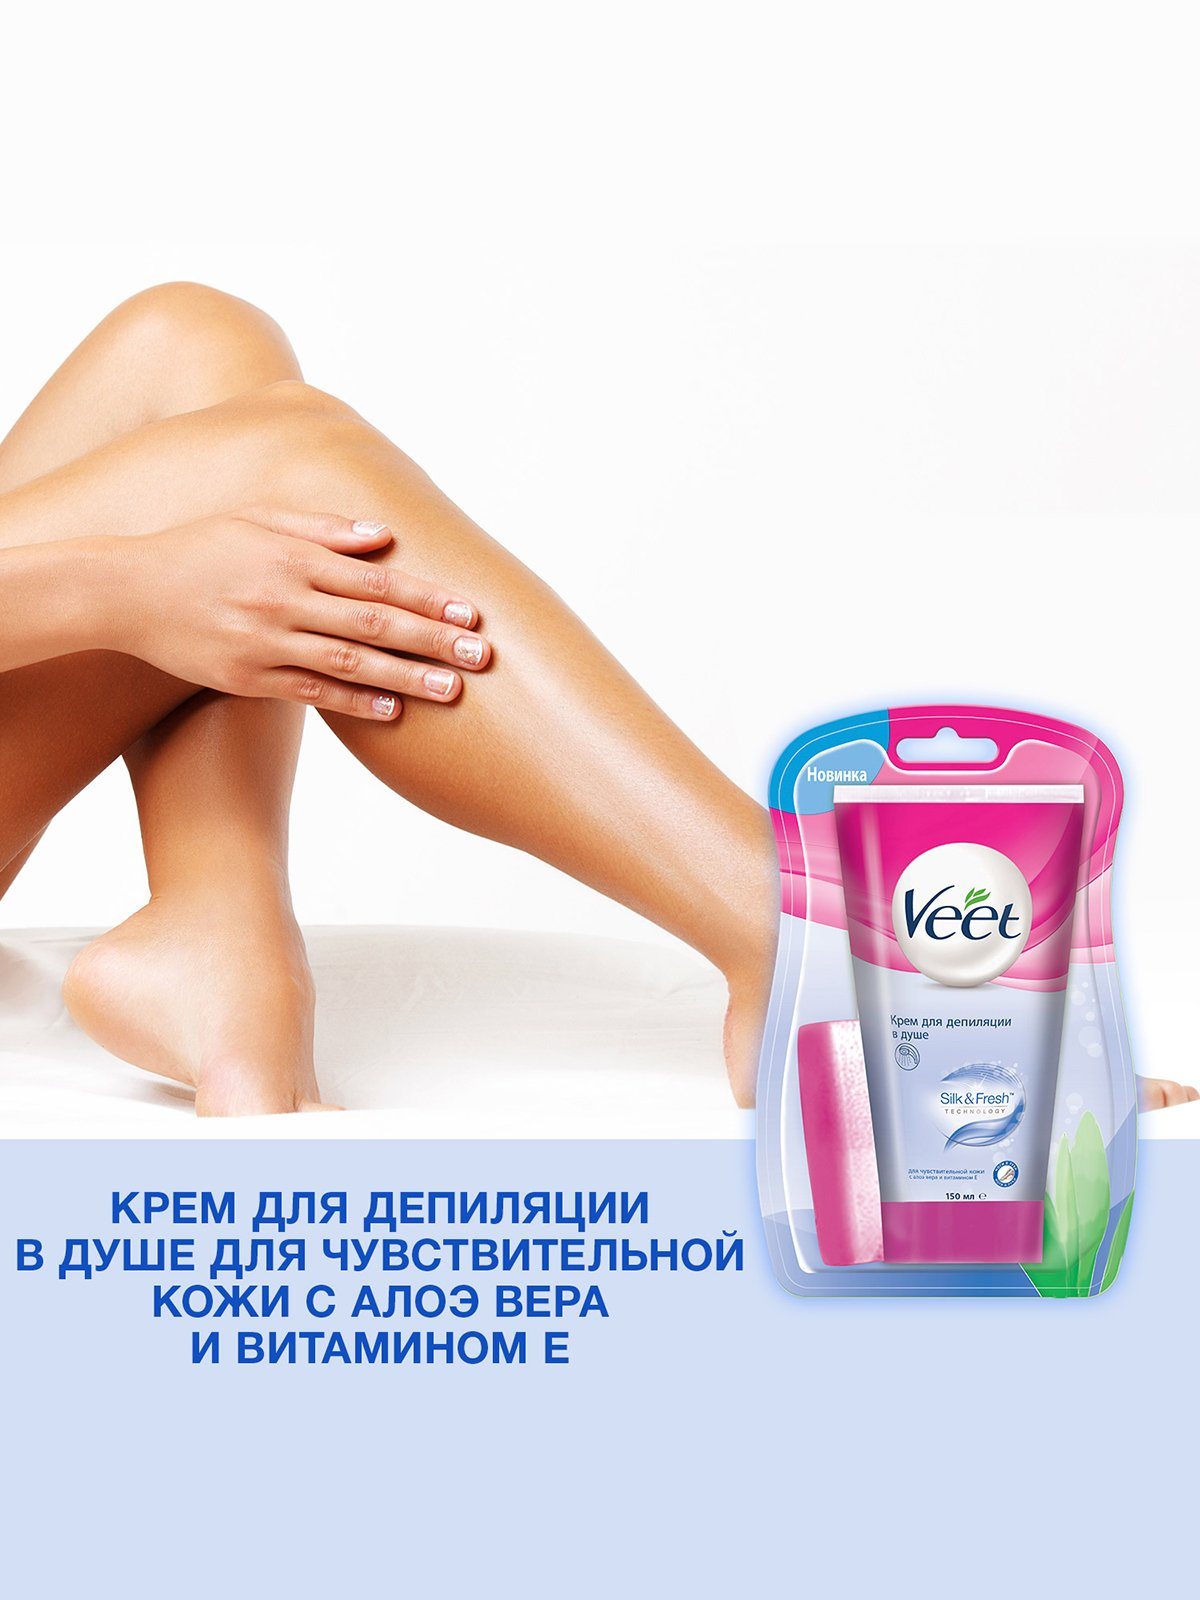 Крем для депіляції в душі для чутливої шкіри (150 мл) — Veet 2f5fe438330c9